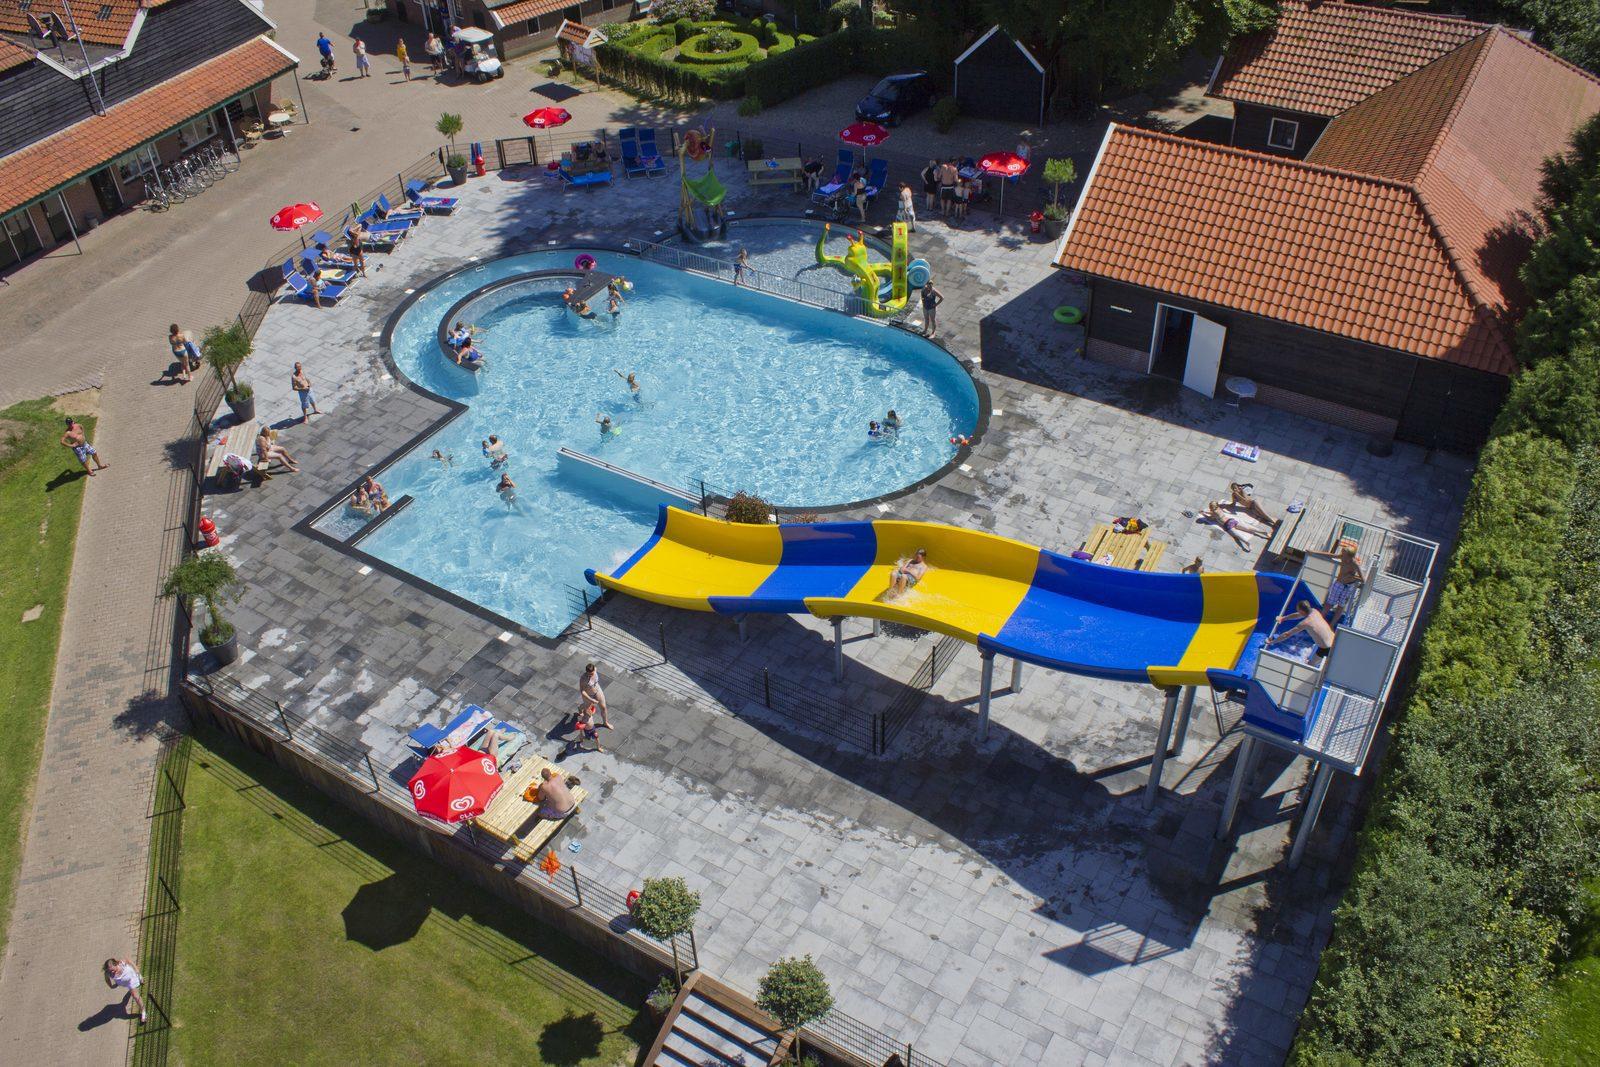 Lekker zwemmen in ons verwarmde zwembad